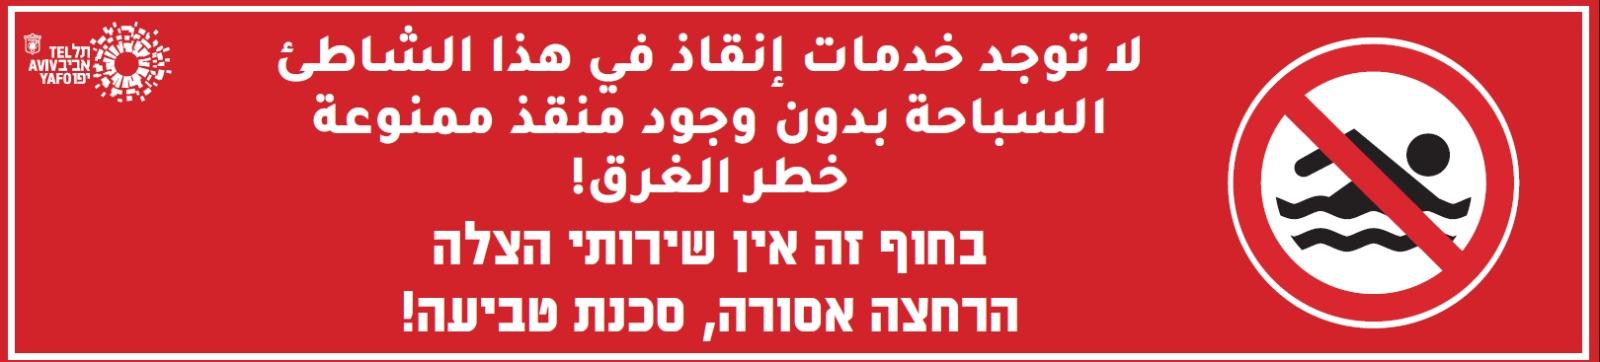 يافا: البلدية تُحذّر من الغرق على شاطئ تشارلز كلور